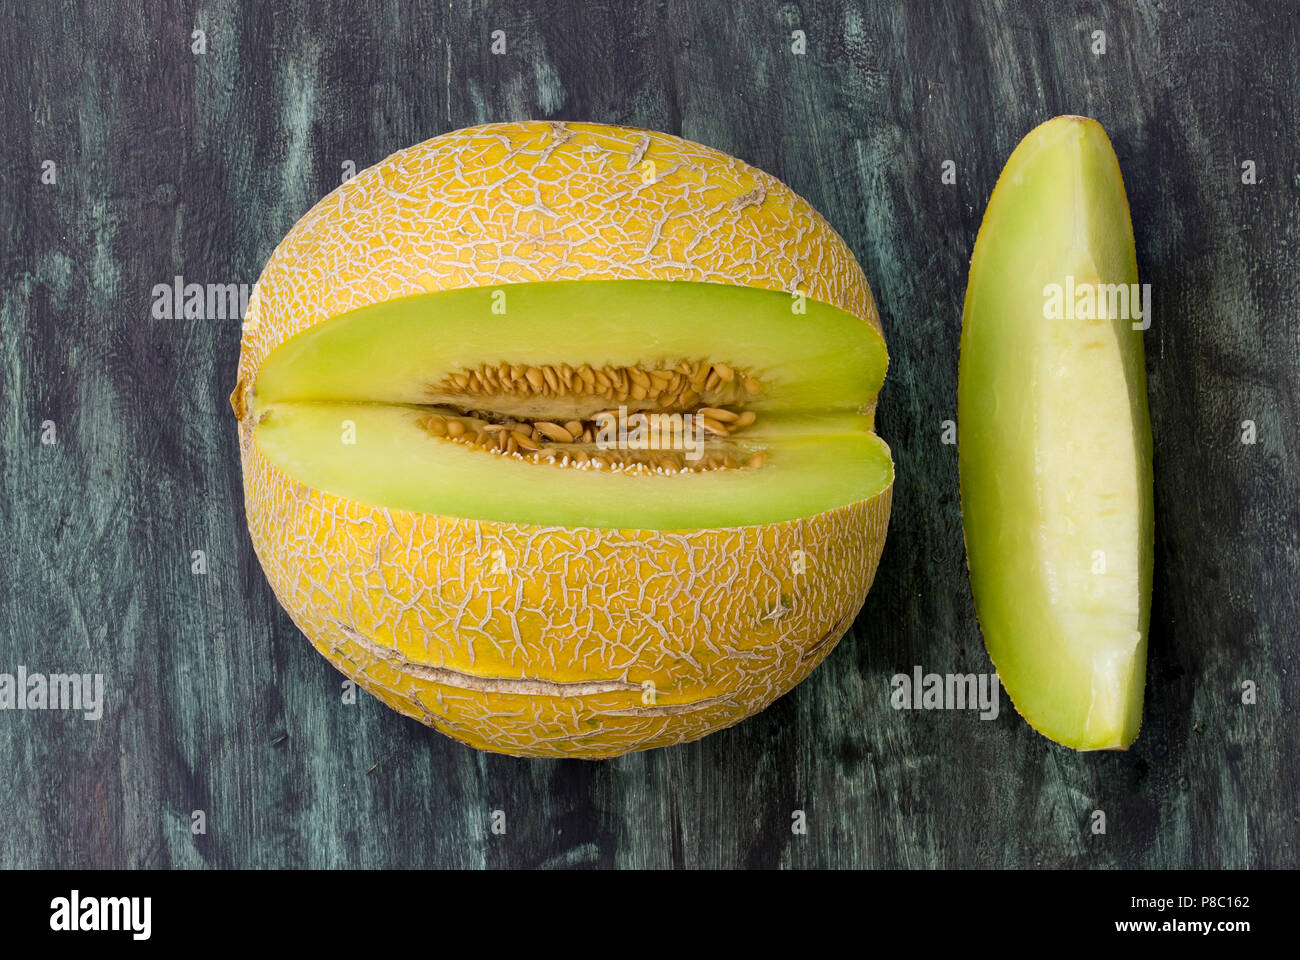 Frische Melone in kleine Stücke schneiden auf Holztisch. Direkt oben betrachten. Stockbild